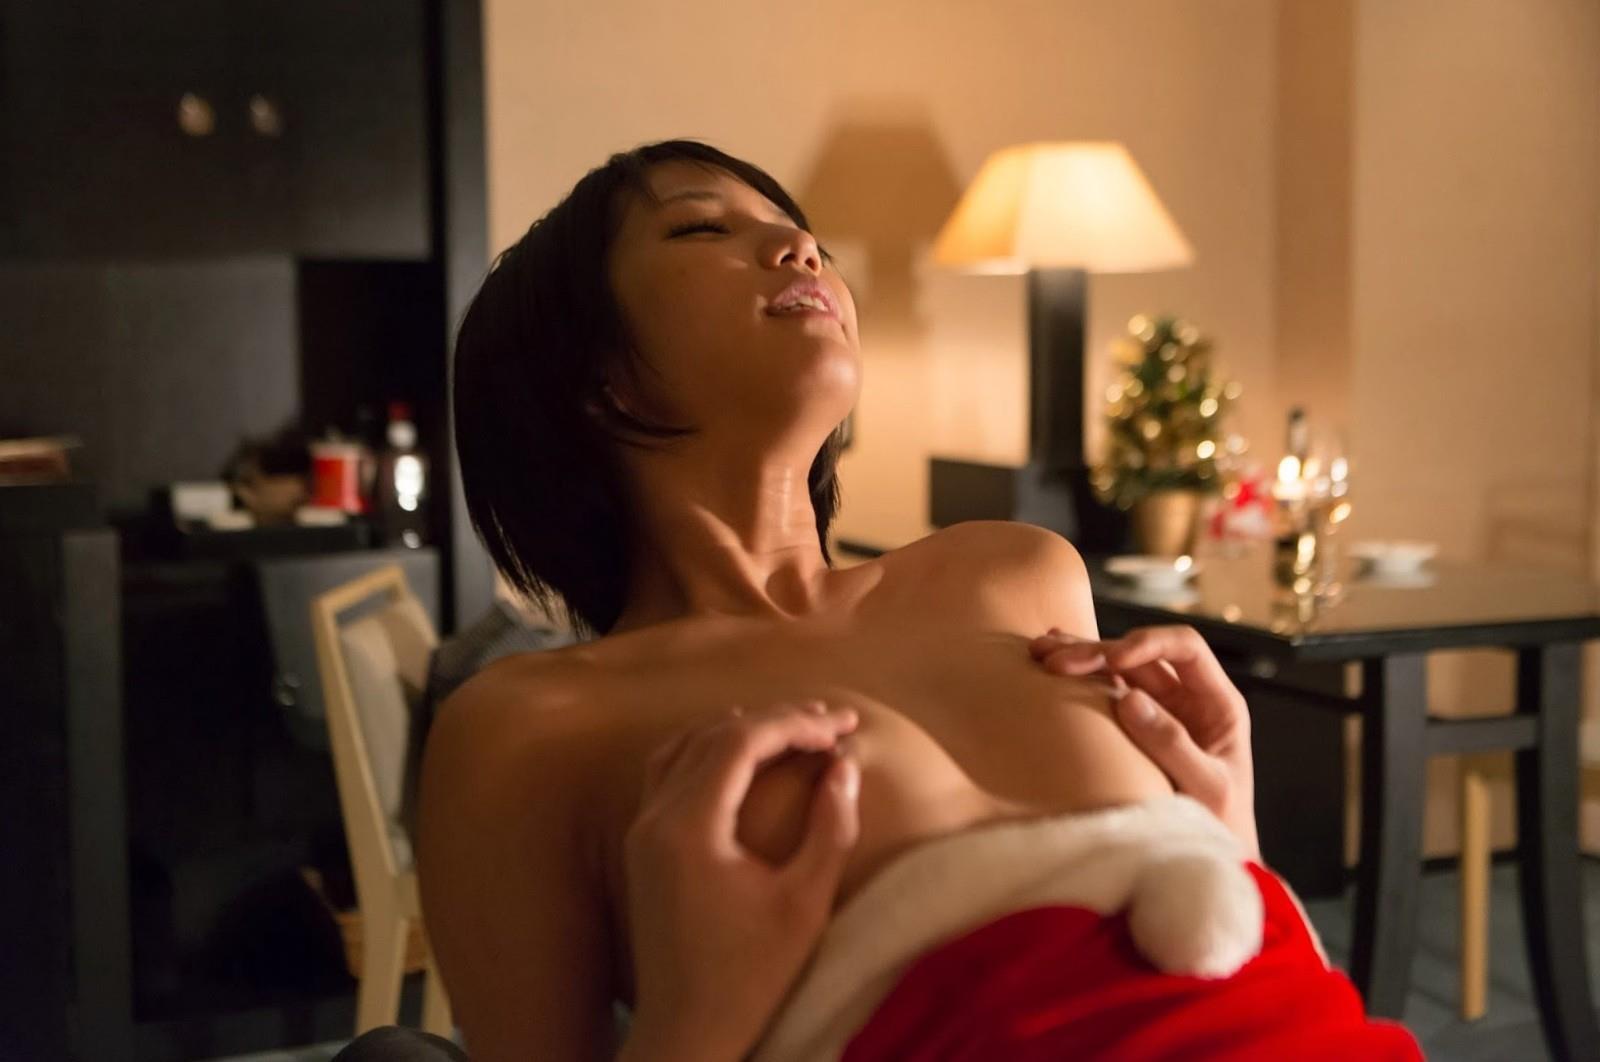 湊莉久 セックス画像 76